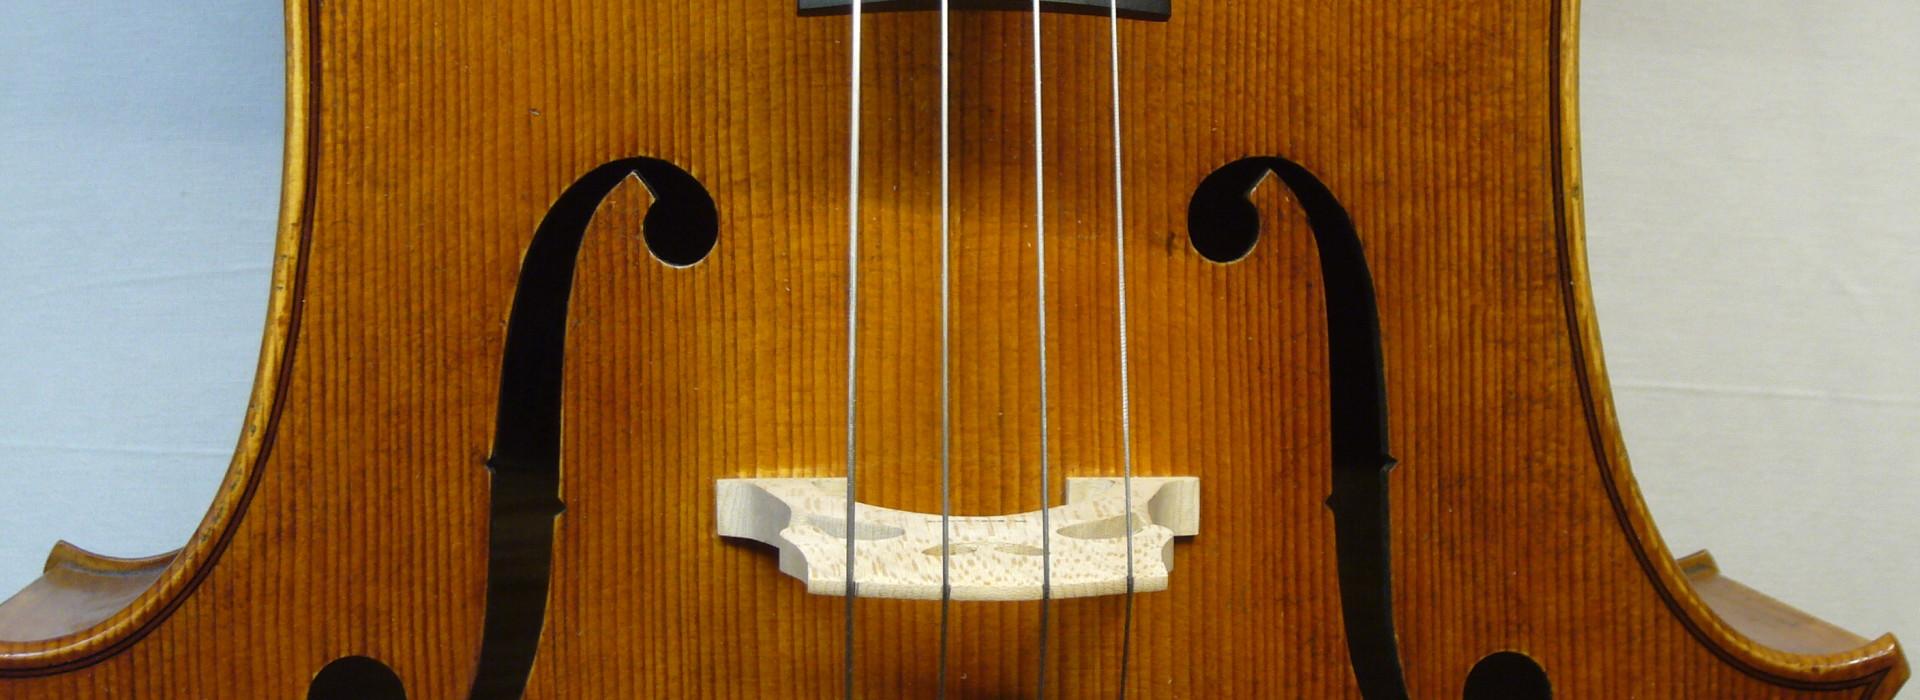 Cello Matthias Bergmann 2016